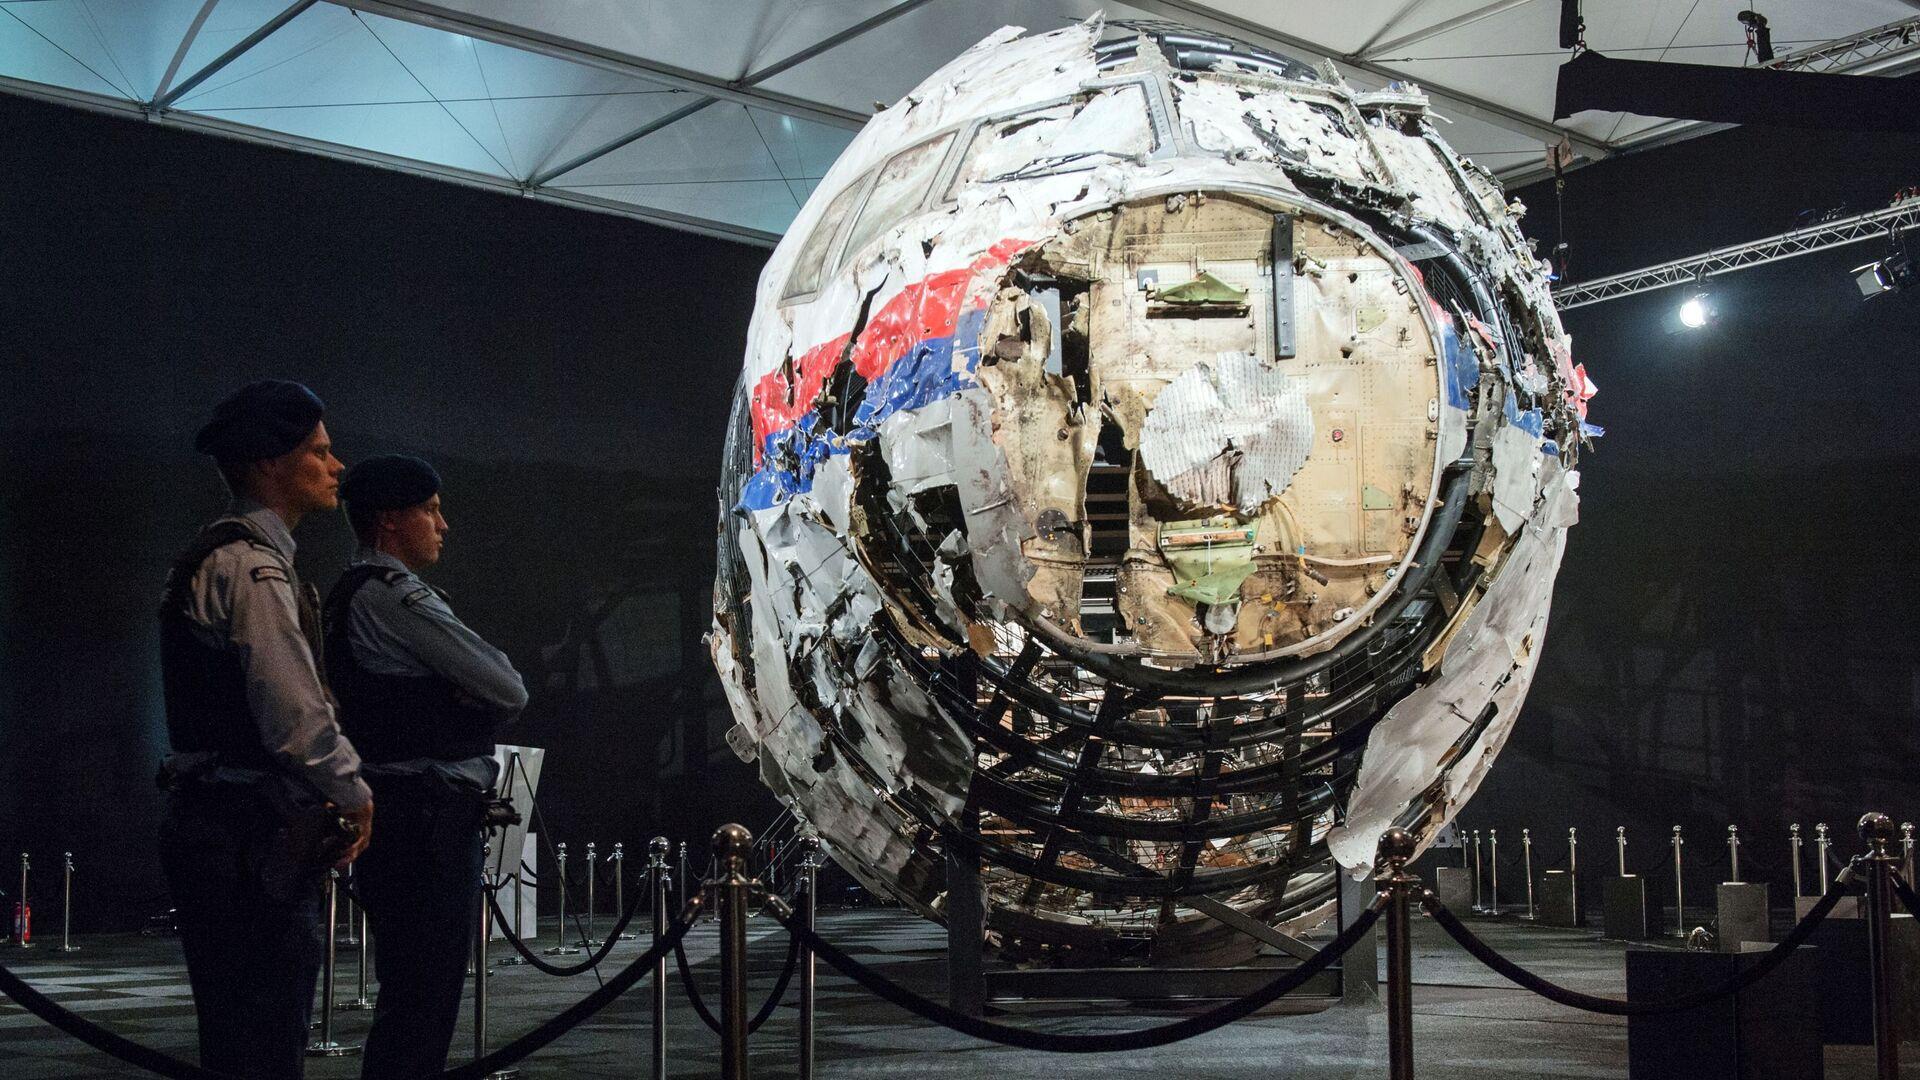 Мария Кнайф: расследование по делу MH17 не завершено, еще много работы